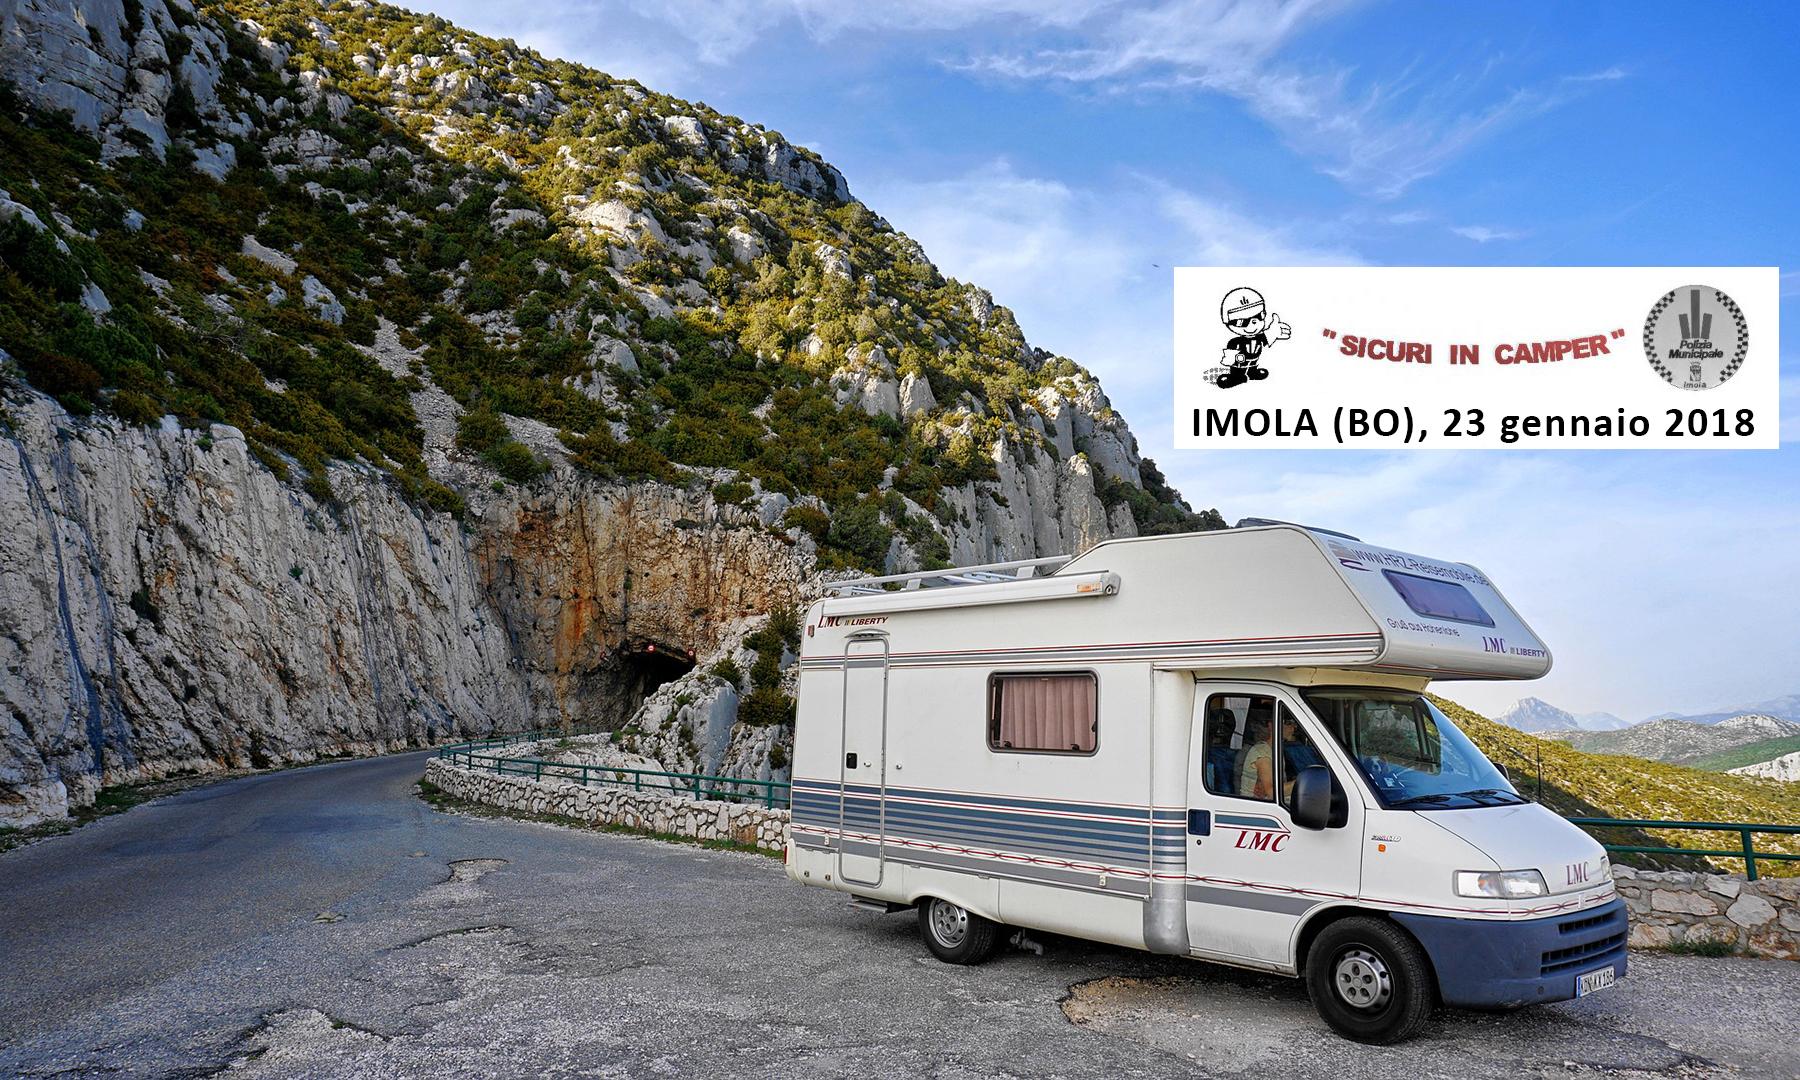 Imola, Bologna: Obiettivo Sicurezza in Camper